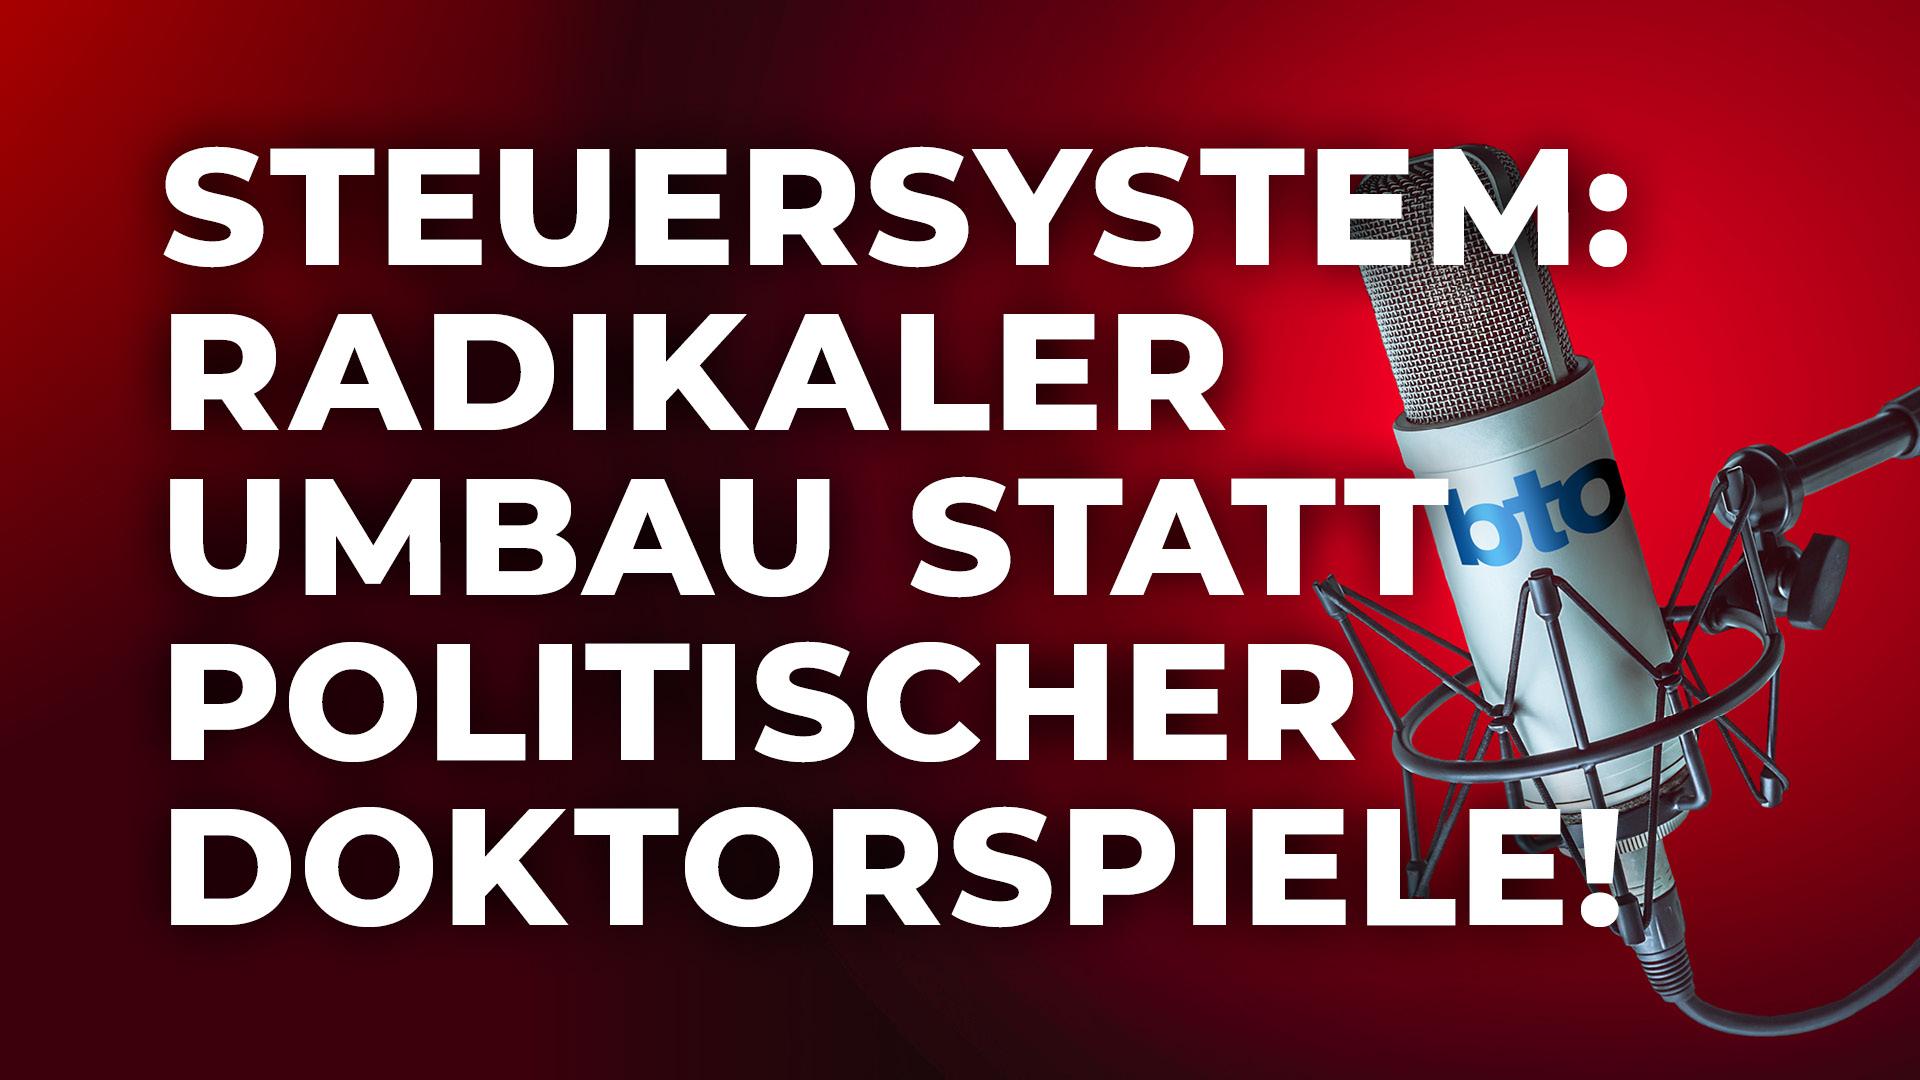 Deutsches Steuersystem: radikaler Umbau statt politischer Doktorspiele